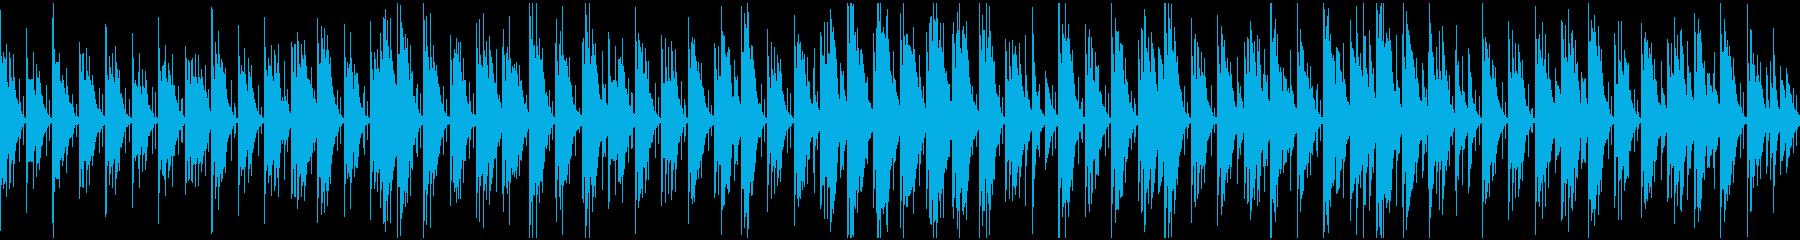 待ち時間・休憩・セミナー ギター/ループの再生済みの波形